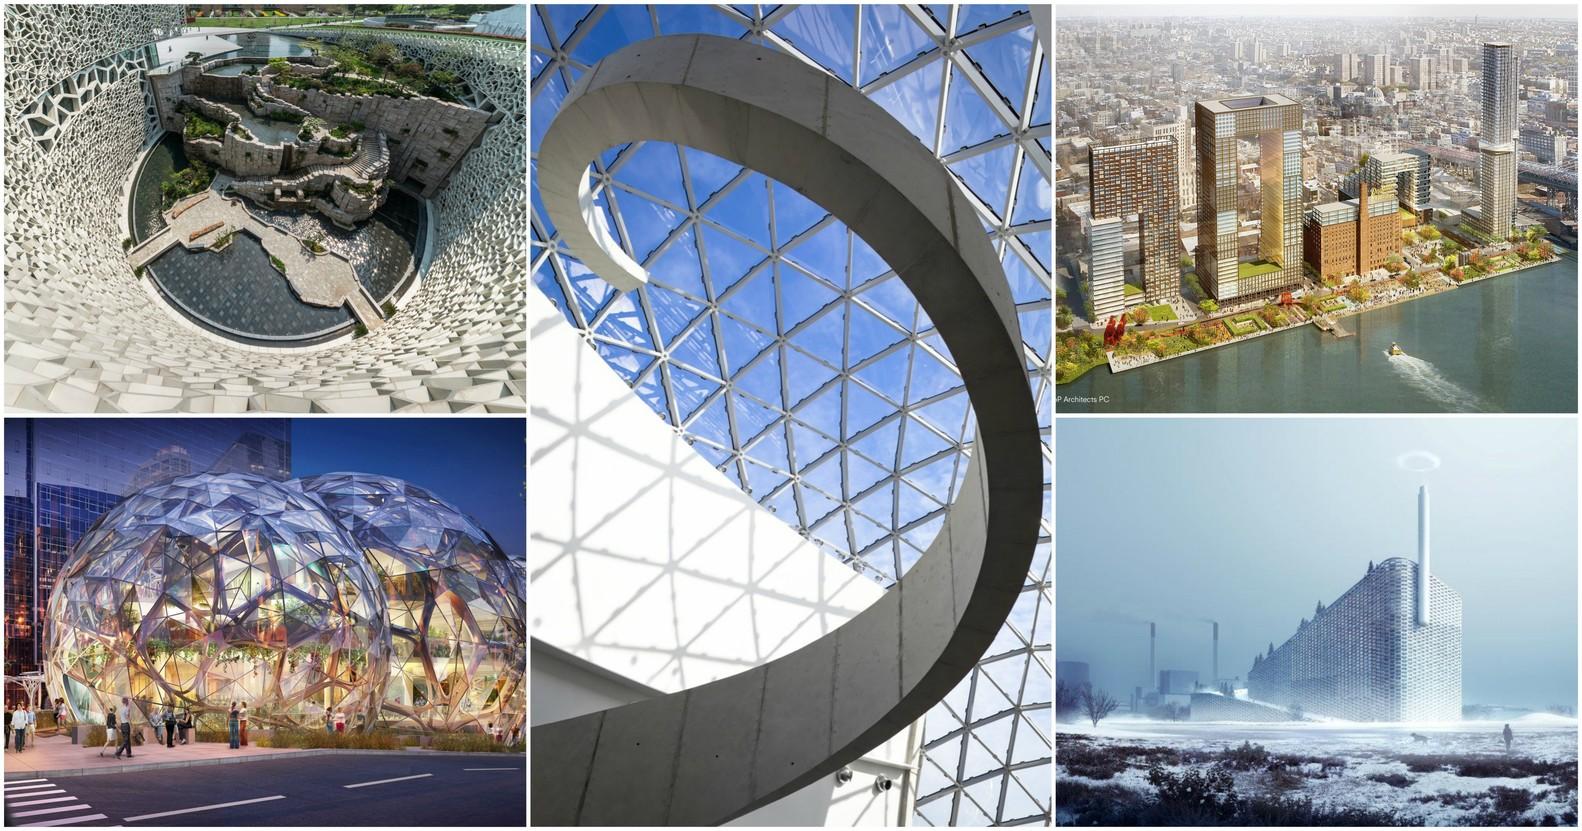 【盘点】这5家建筑事务的创新能力堪称全球最佳